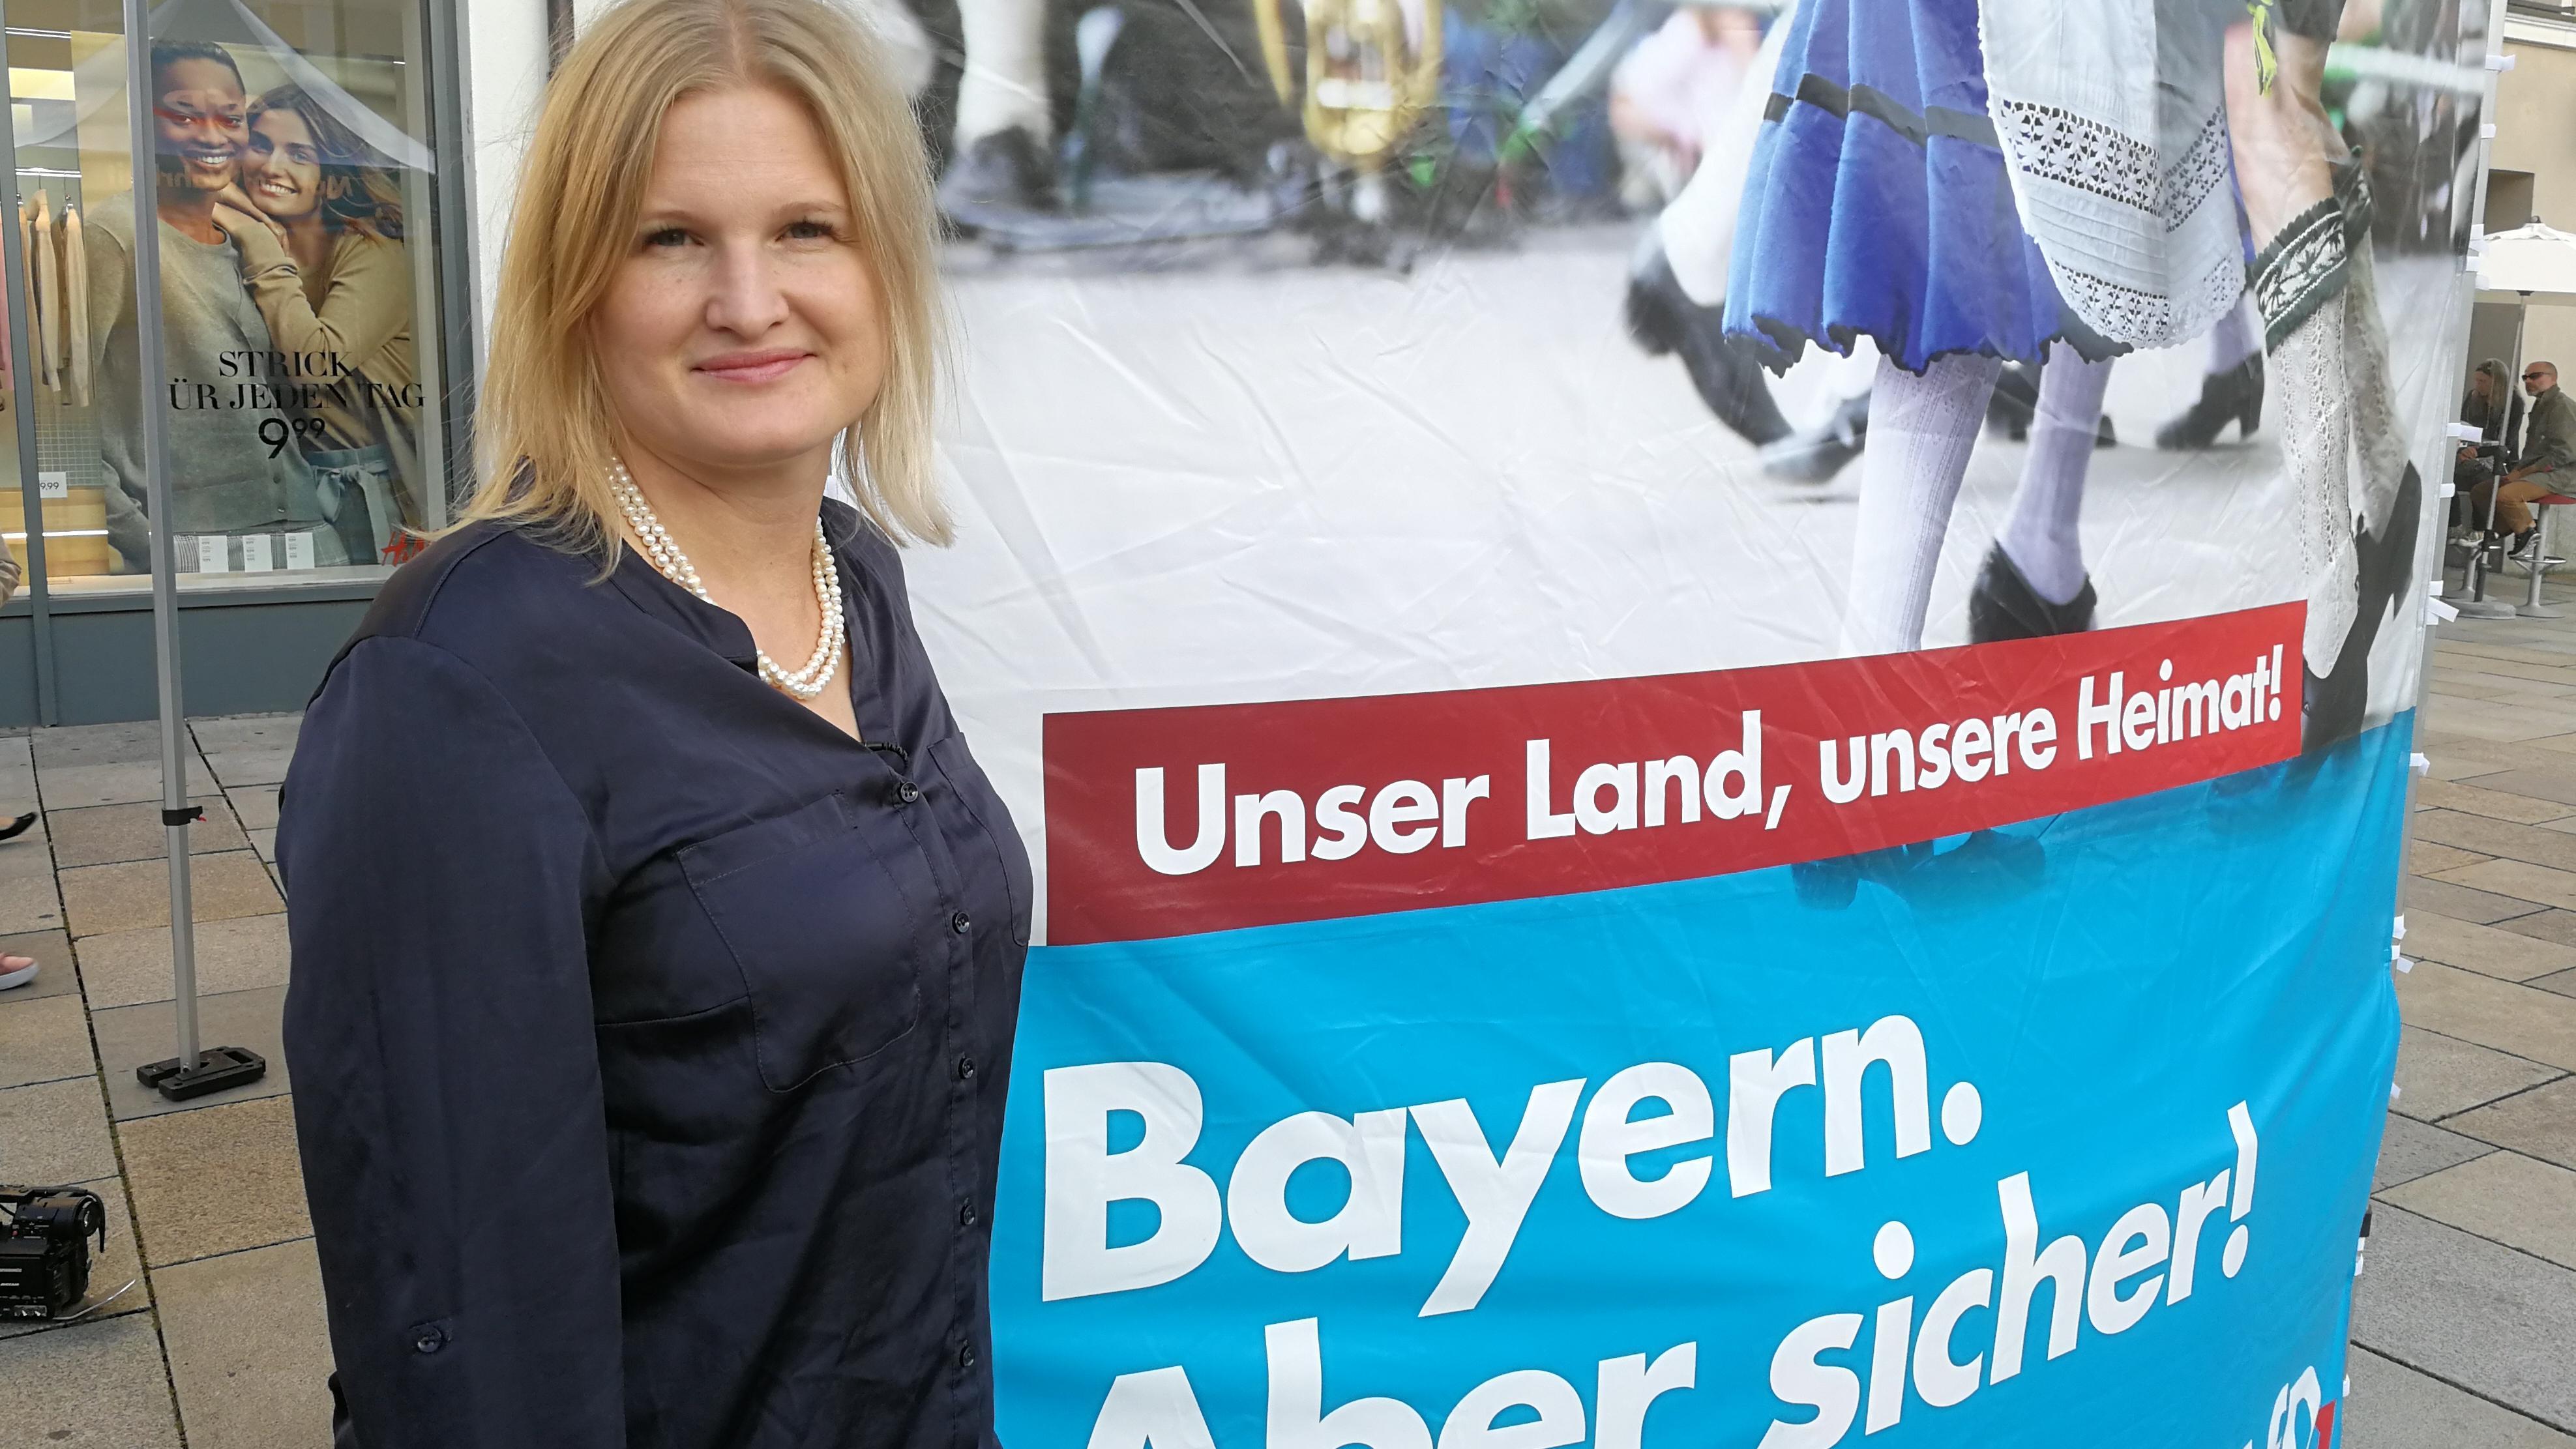 Katrin Ebner-Steiner ist Listenführerin in Niederbayern, Vizevorsitzende des AfD-Landesverbands und könnte im neuen Landtag Fraktionsvorsitzende werden, auch wenn sie darüber nicht spekulieren will: Kathrin Ebner-Steiner